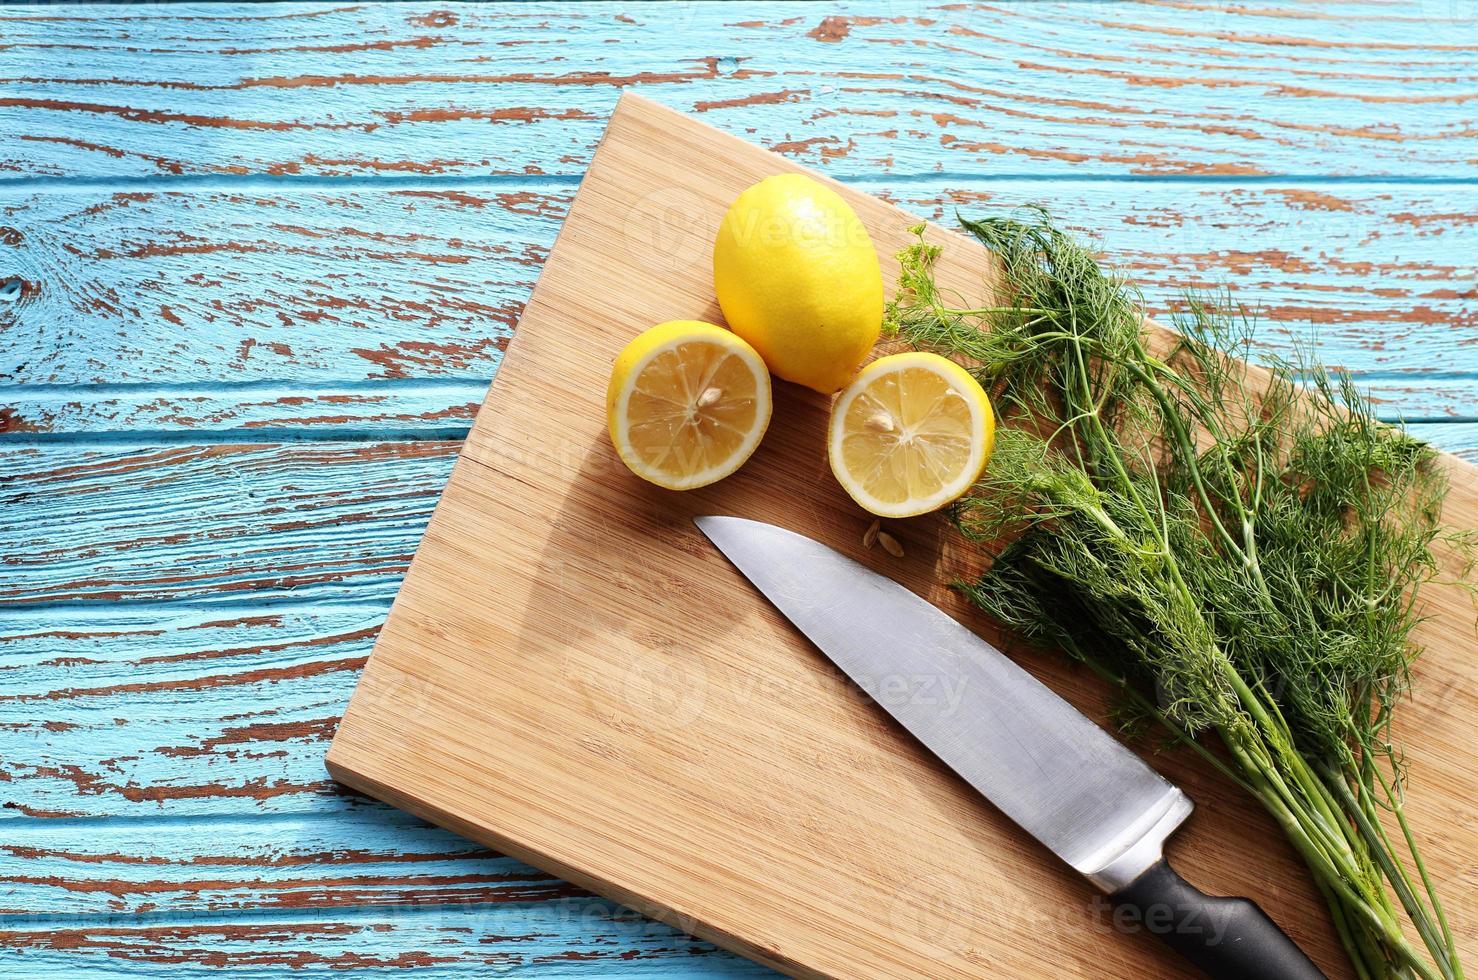 préparer la nourriture pour la salade de sauce par ingrédient citron et coriandre photo